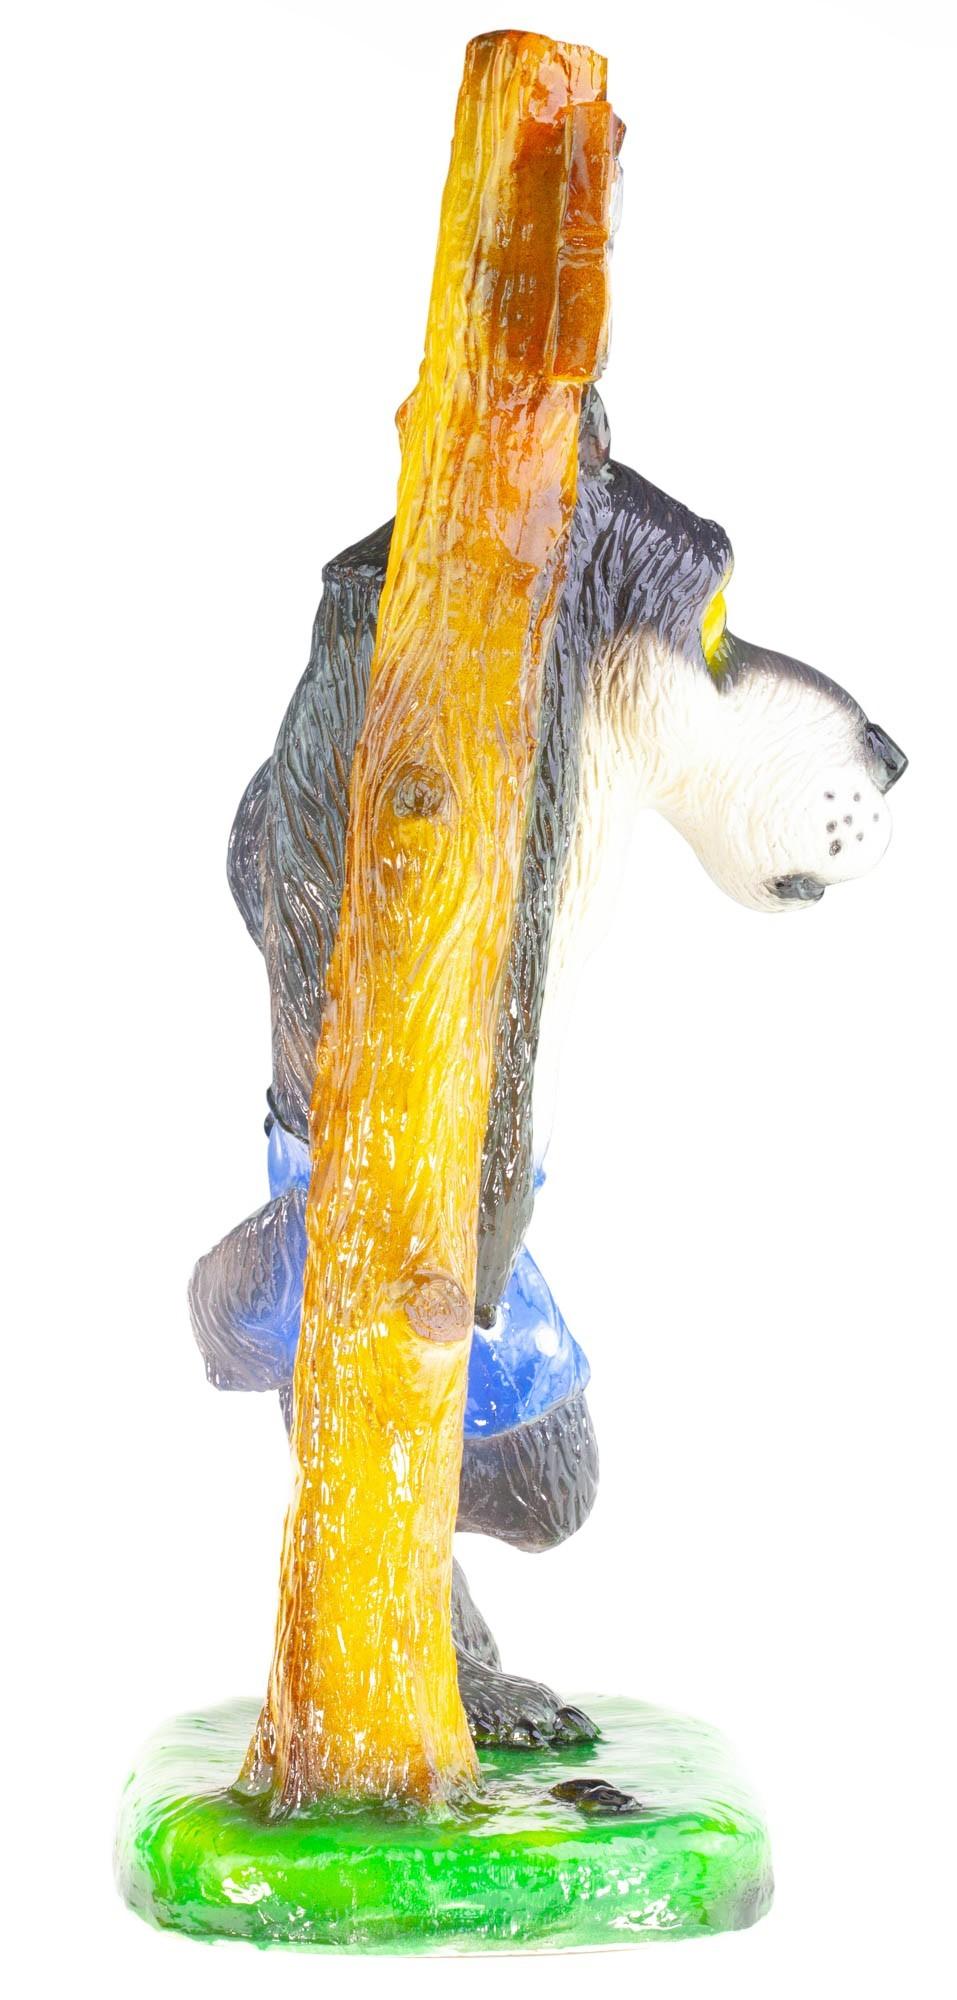 """Садовая фигура Серый волк """"Ты это, заходи если ЧЁ"""" на peresvet.by"""